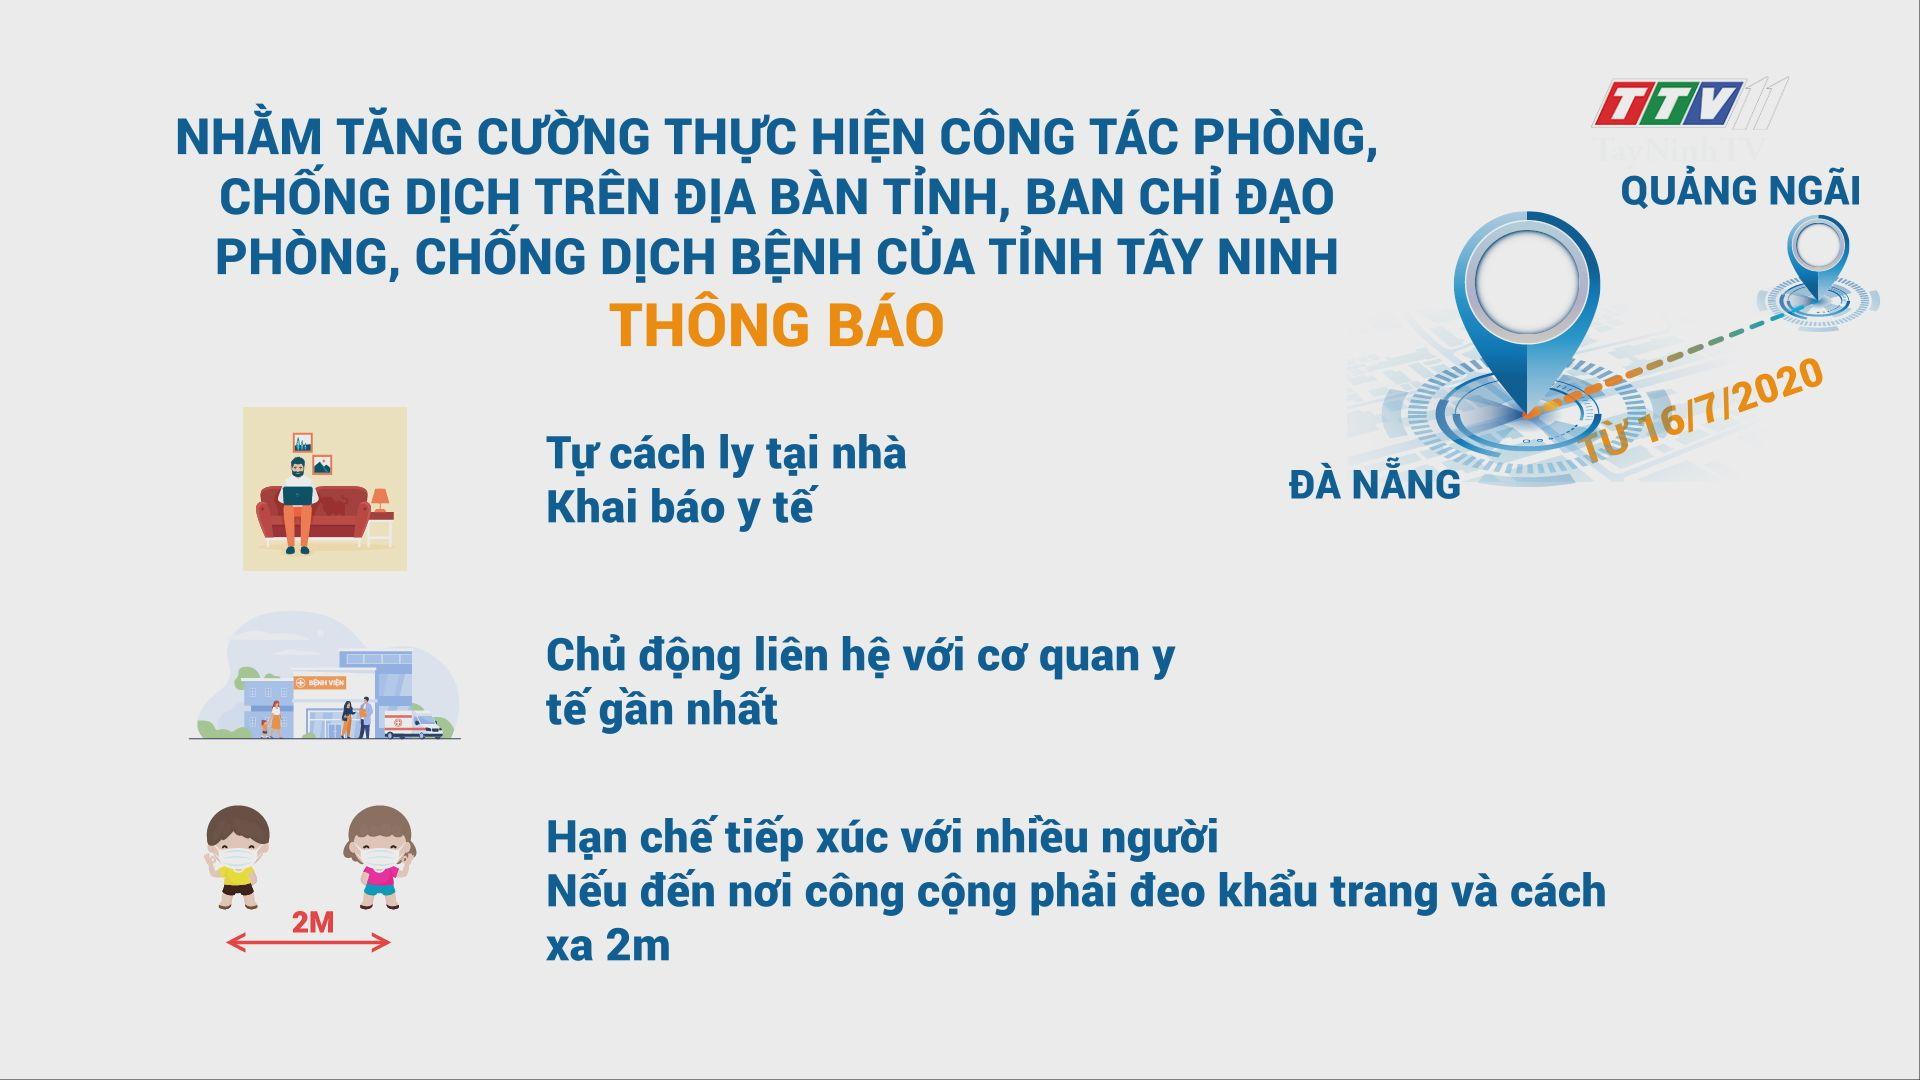 Ban Chỉ đạo phòng, chống dịch bệnh của tỉnh Tây Ninh thông báo | THÔNG TIN DỊCH CÚM COVID-19 | TayNinhTV